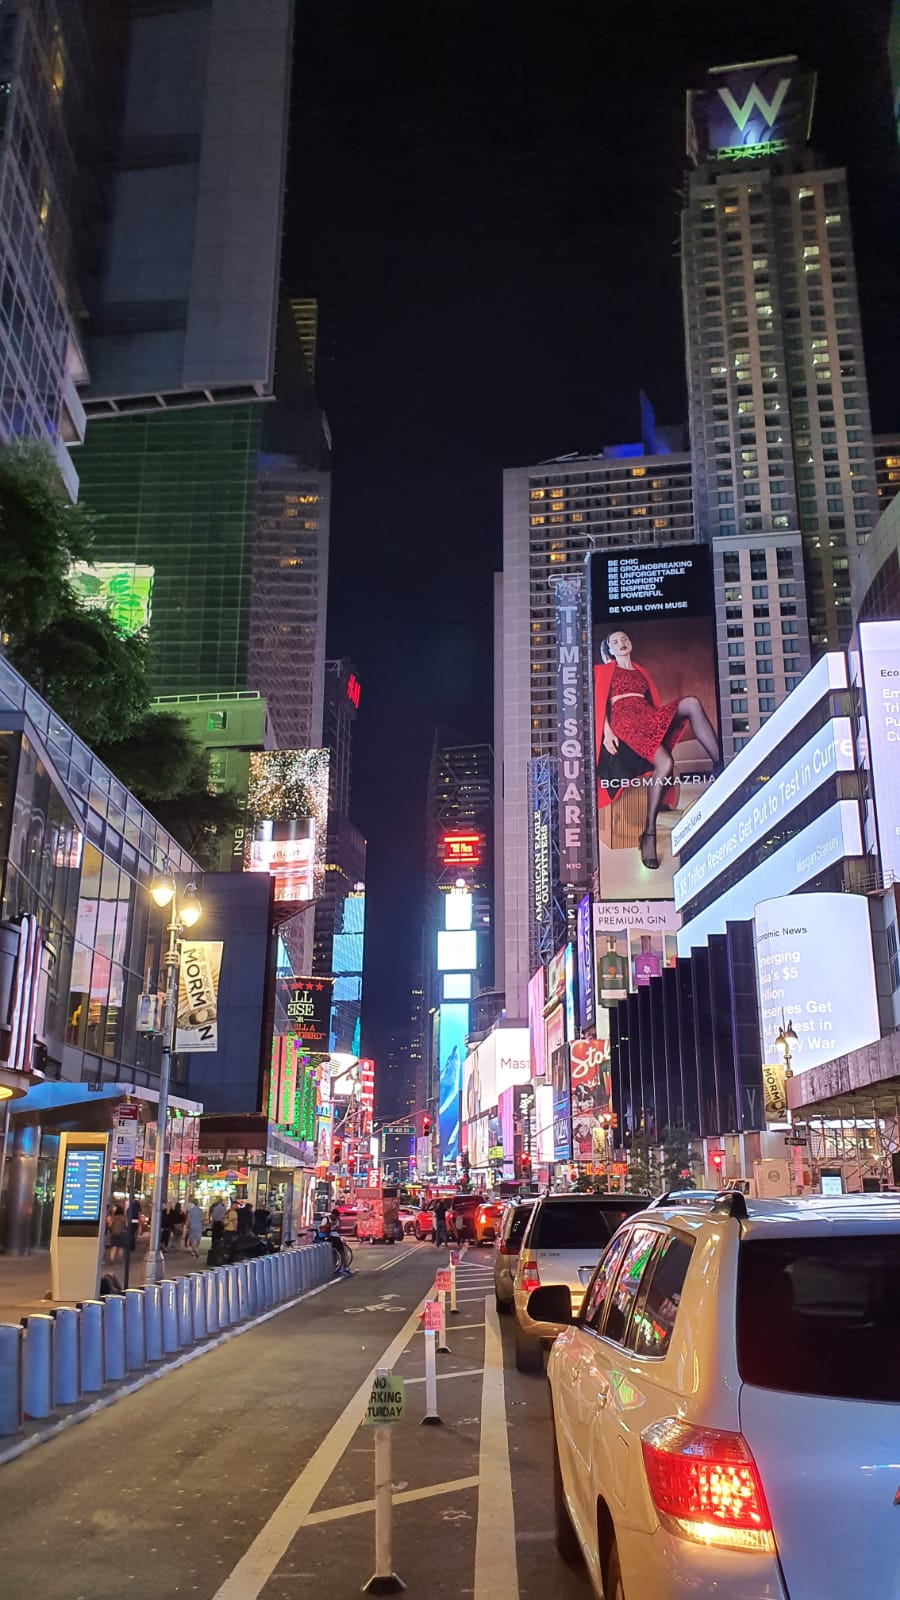 الصورة: هذه هي الطريقة التي تلتقط بها سامسونج الجديدة الصور Galaxy Note10 +! + الصور الليلية والفيديو 20